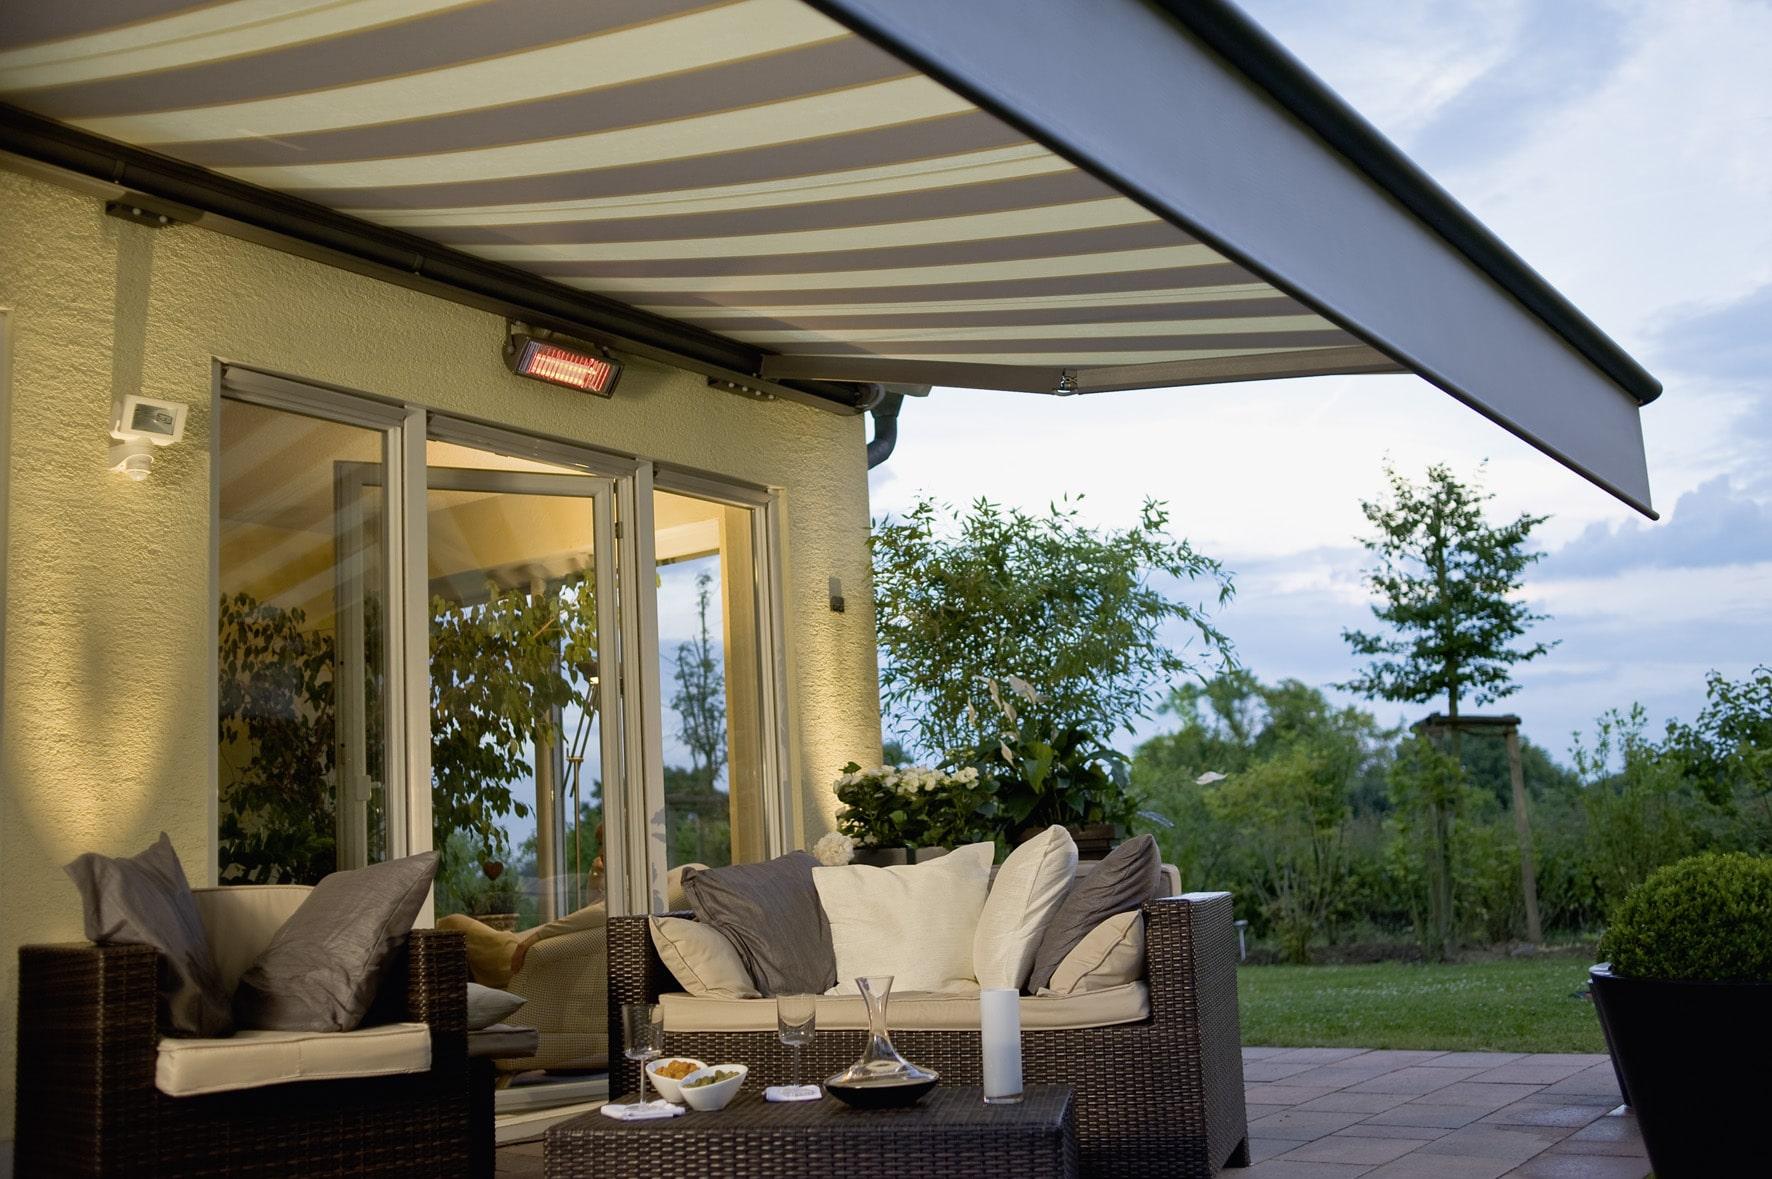 store banne design rglage des with store banne design elegant veranda interieur design maison. Black Bedroom Furniture Sets. Home Design Ideas